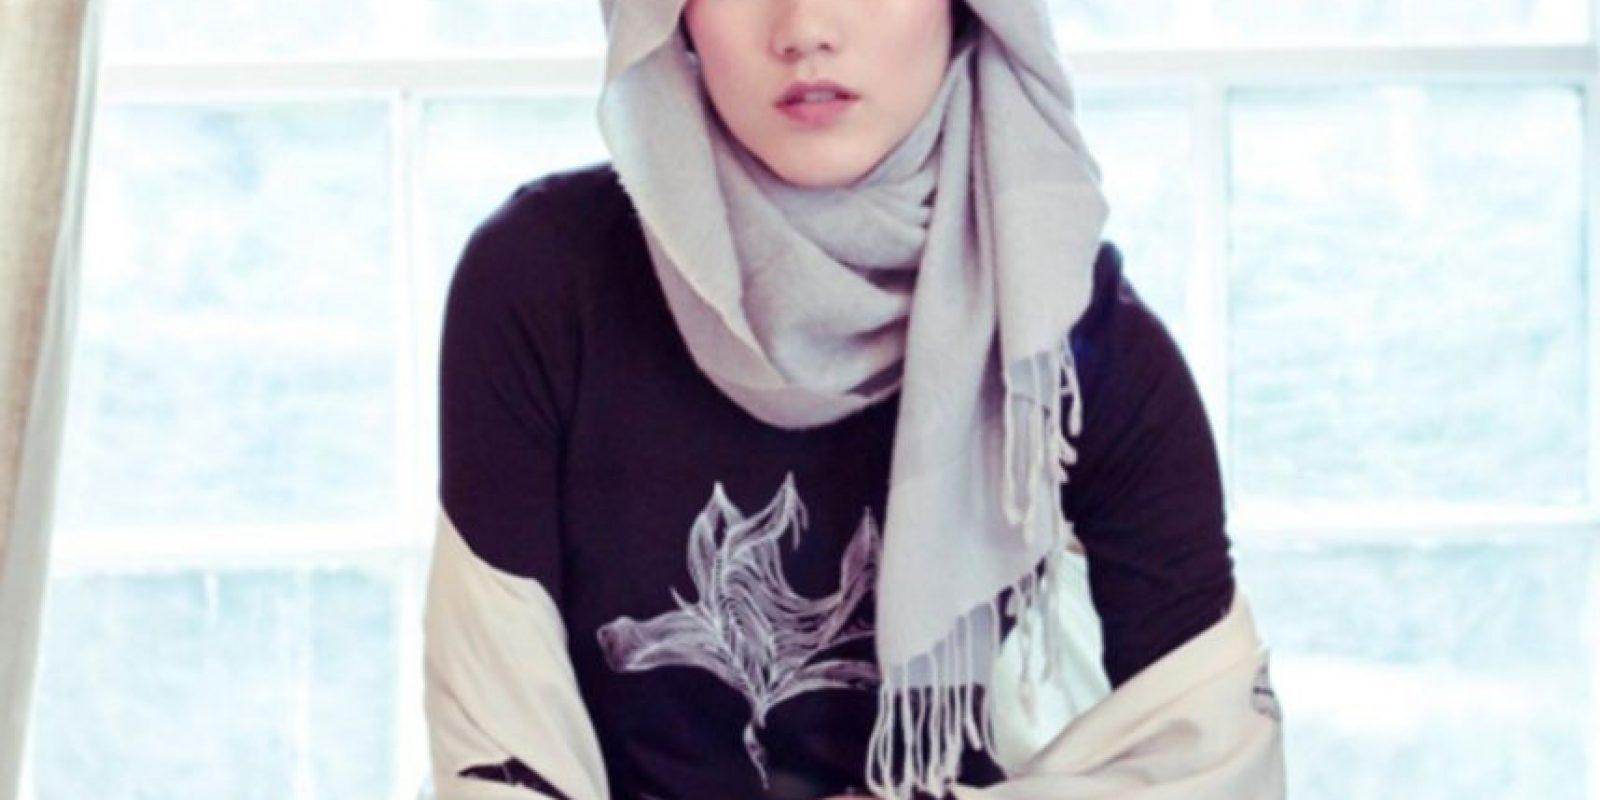 El hijab es una prenda que en Occidente ha sido objeto de polémica. Aunque las blogueras de moda lo han usado para llegar a jóvenes musulmanas que sí se identifican con su religión. Foto:The Haute Muslimah